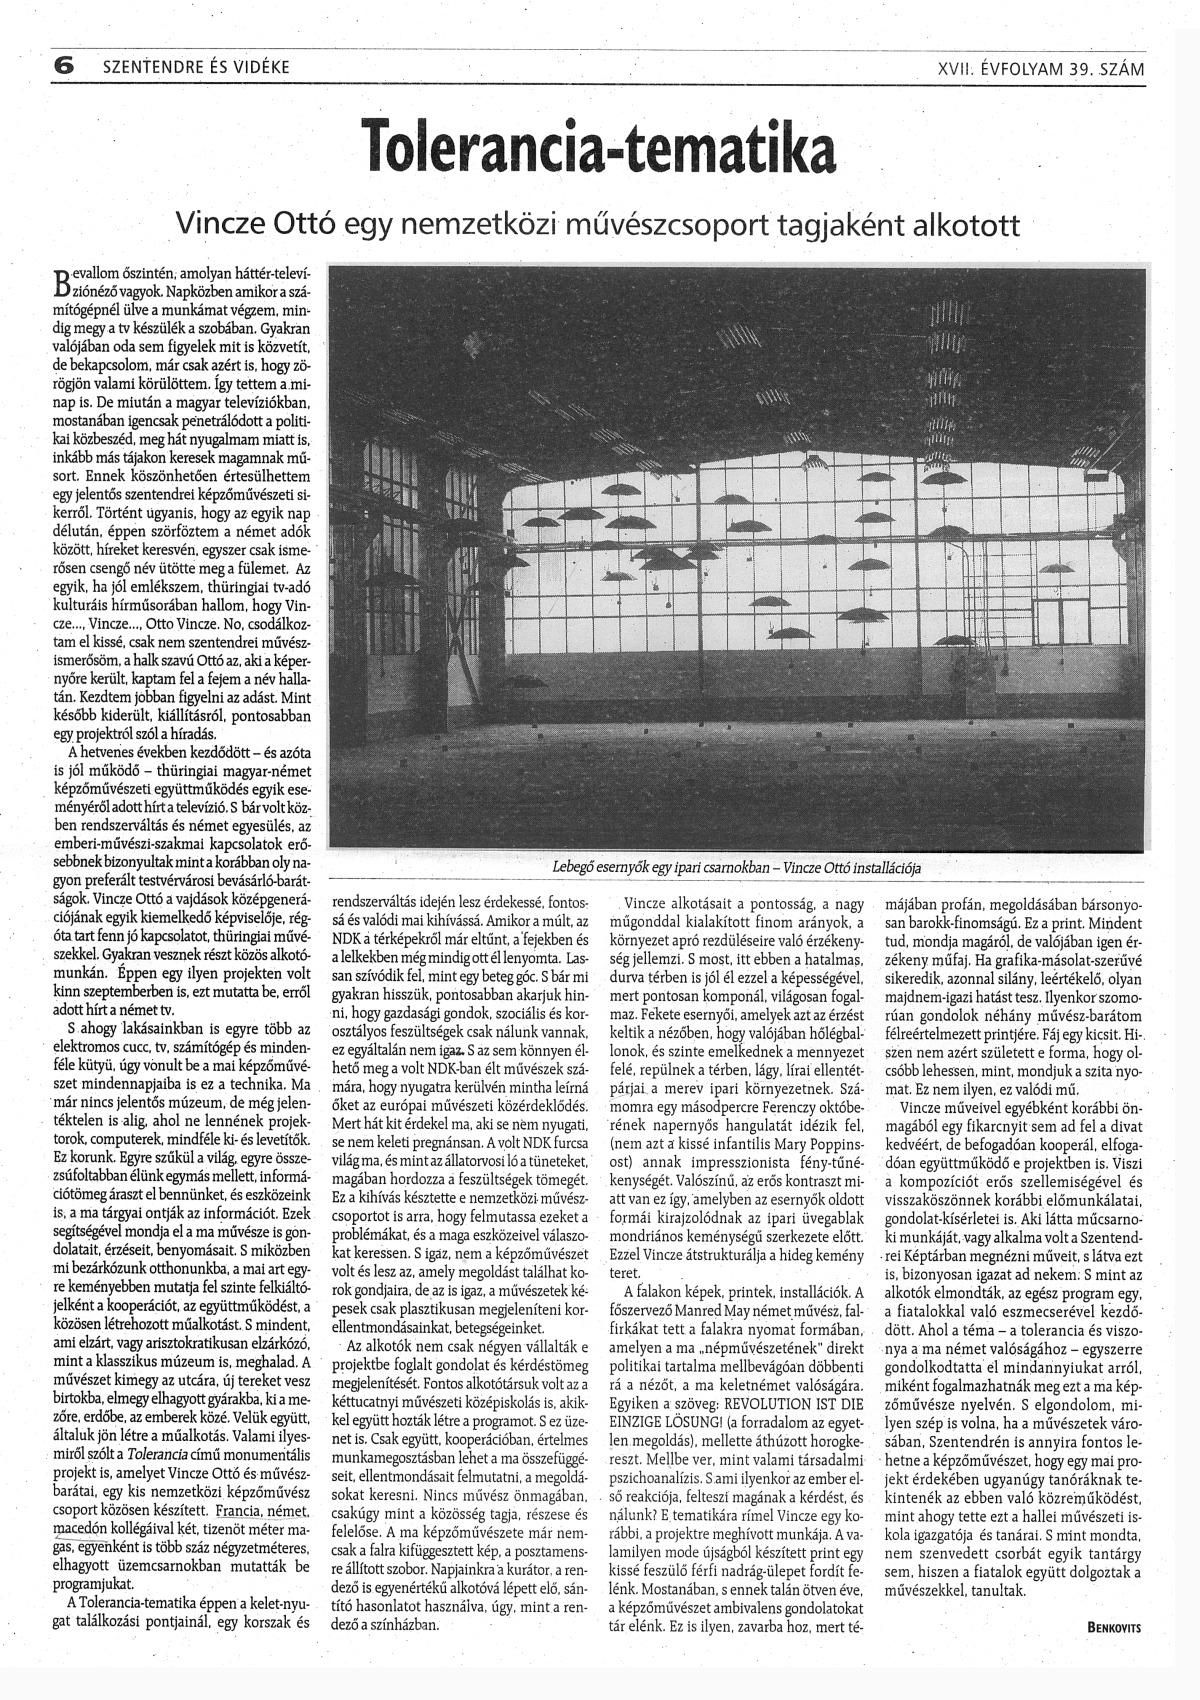 Benkovits György: Tolarencia-tematika, Szentendre és Vidéke